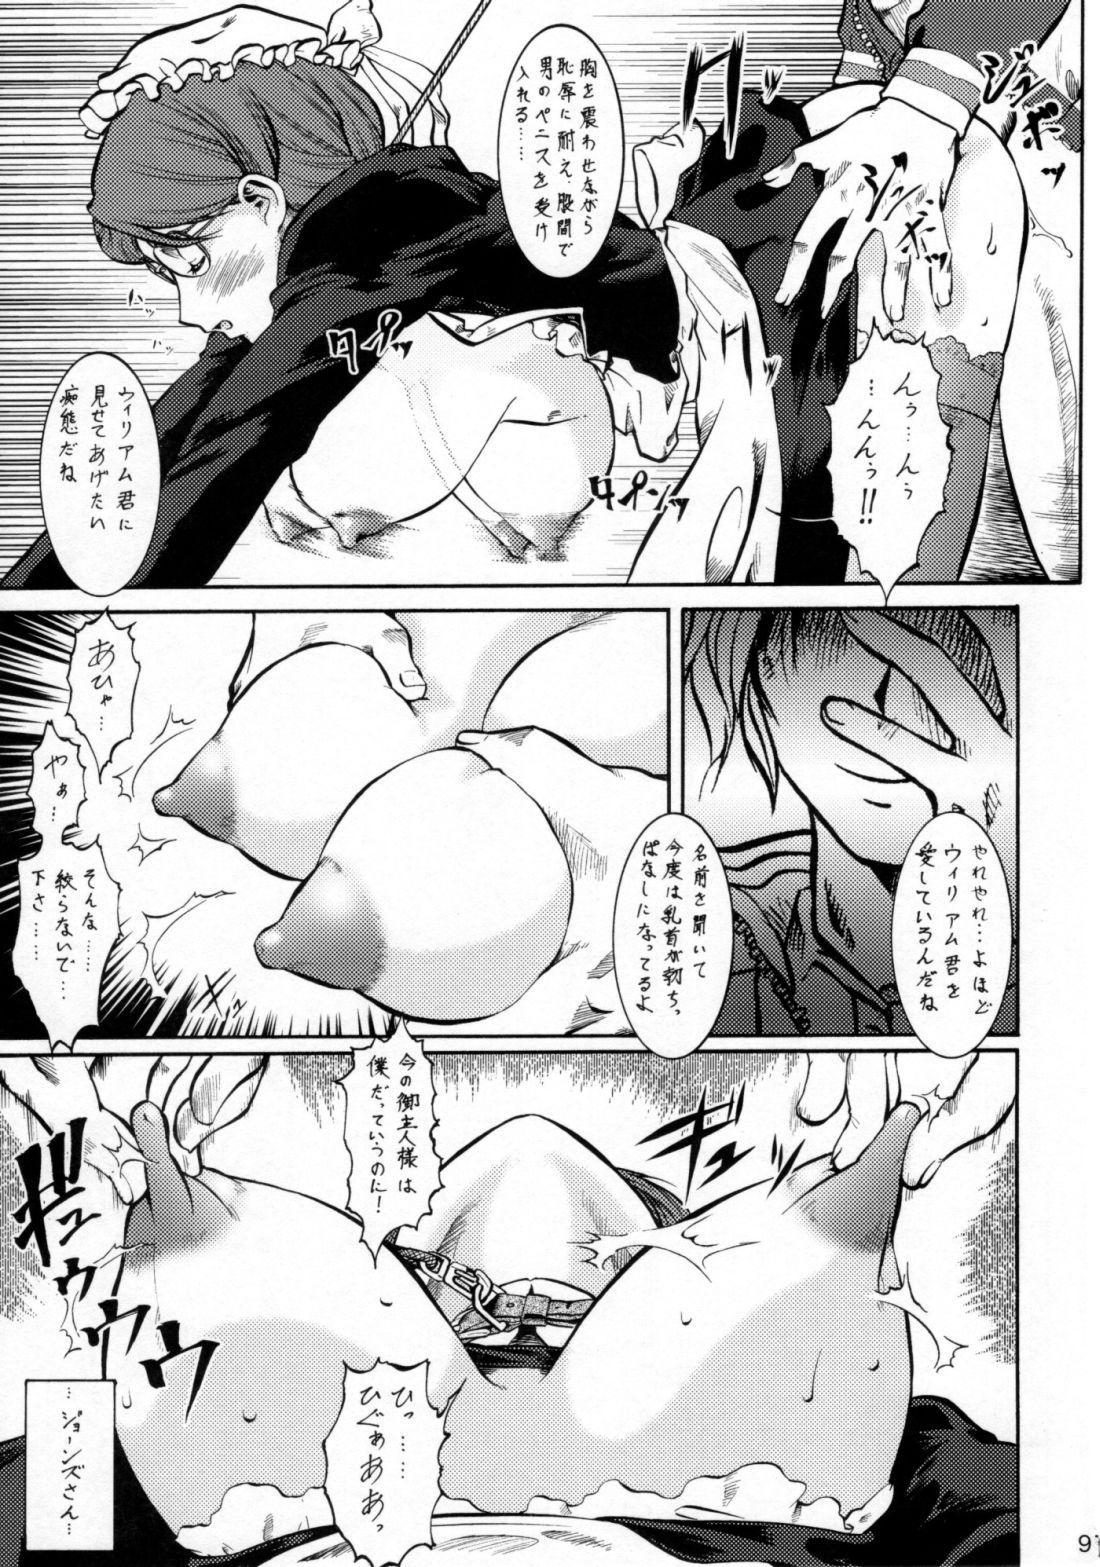 Umedamangashuu 12 Shito 93